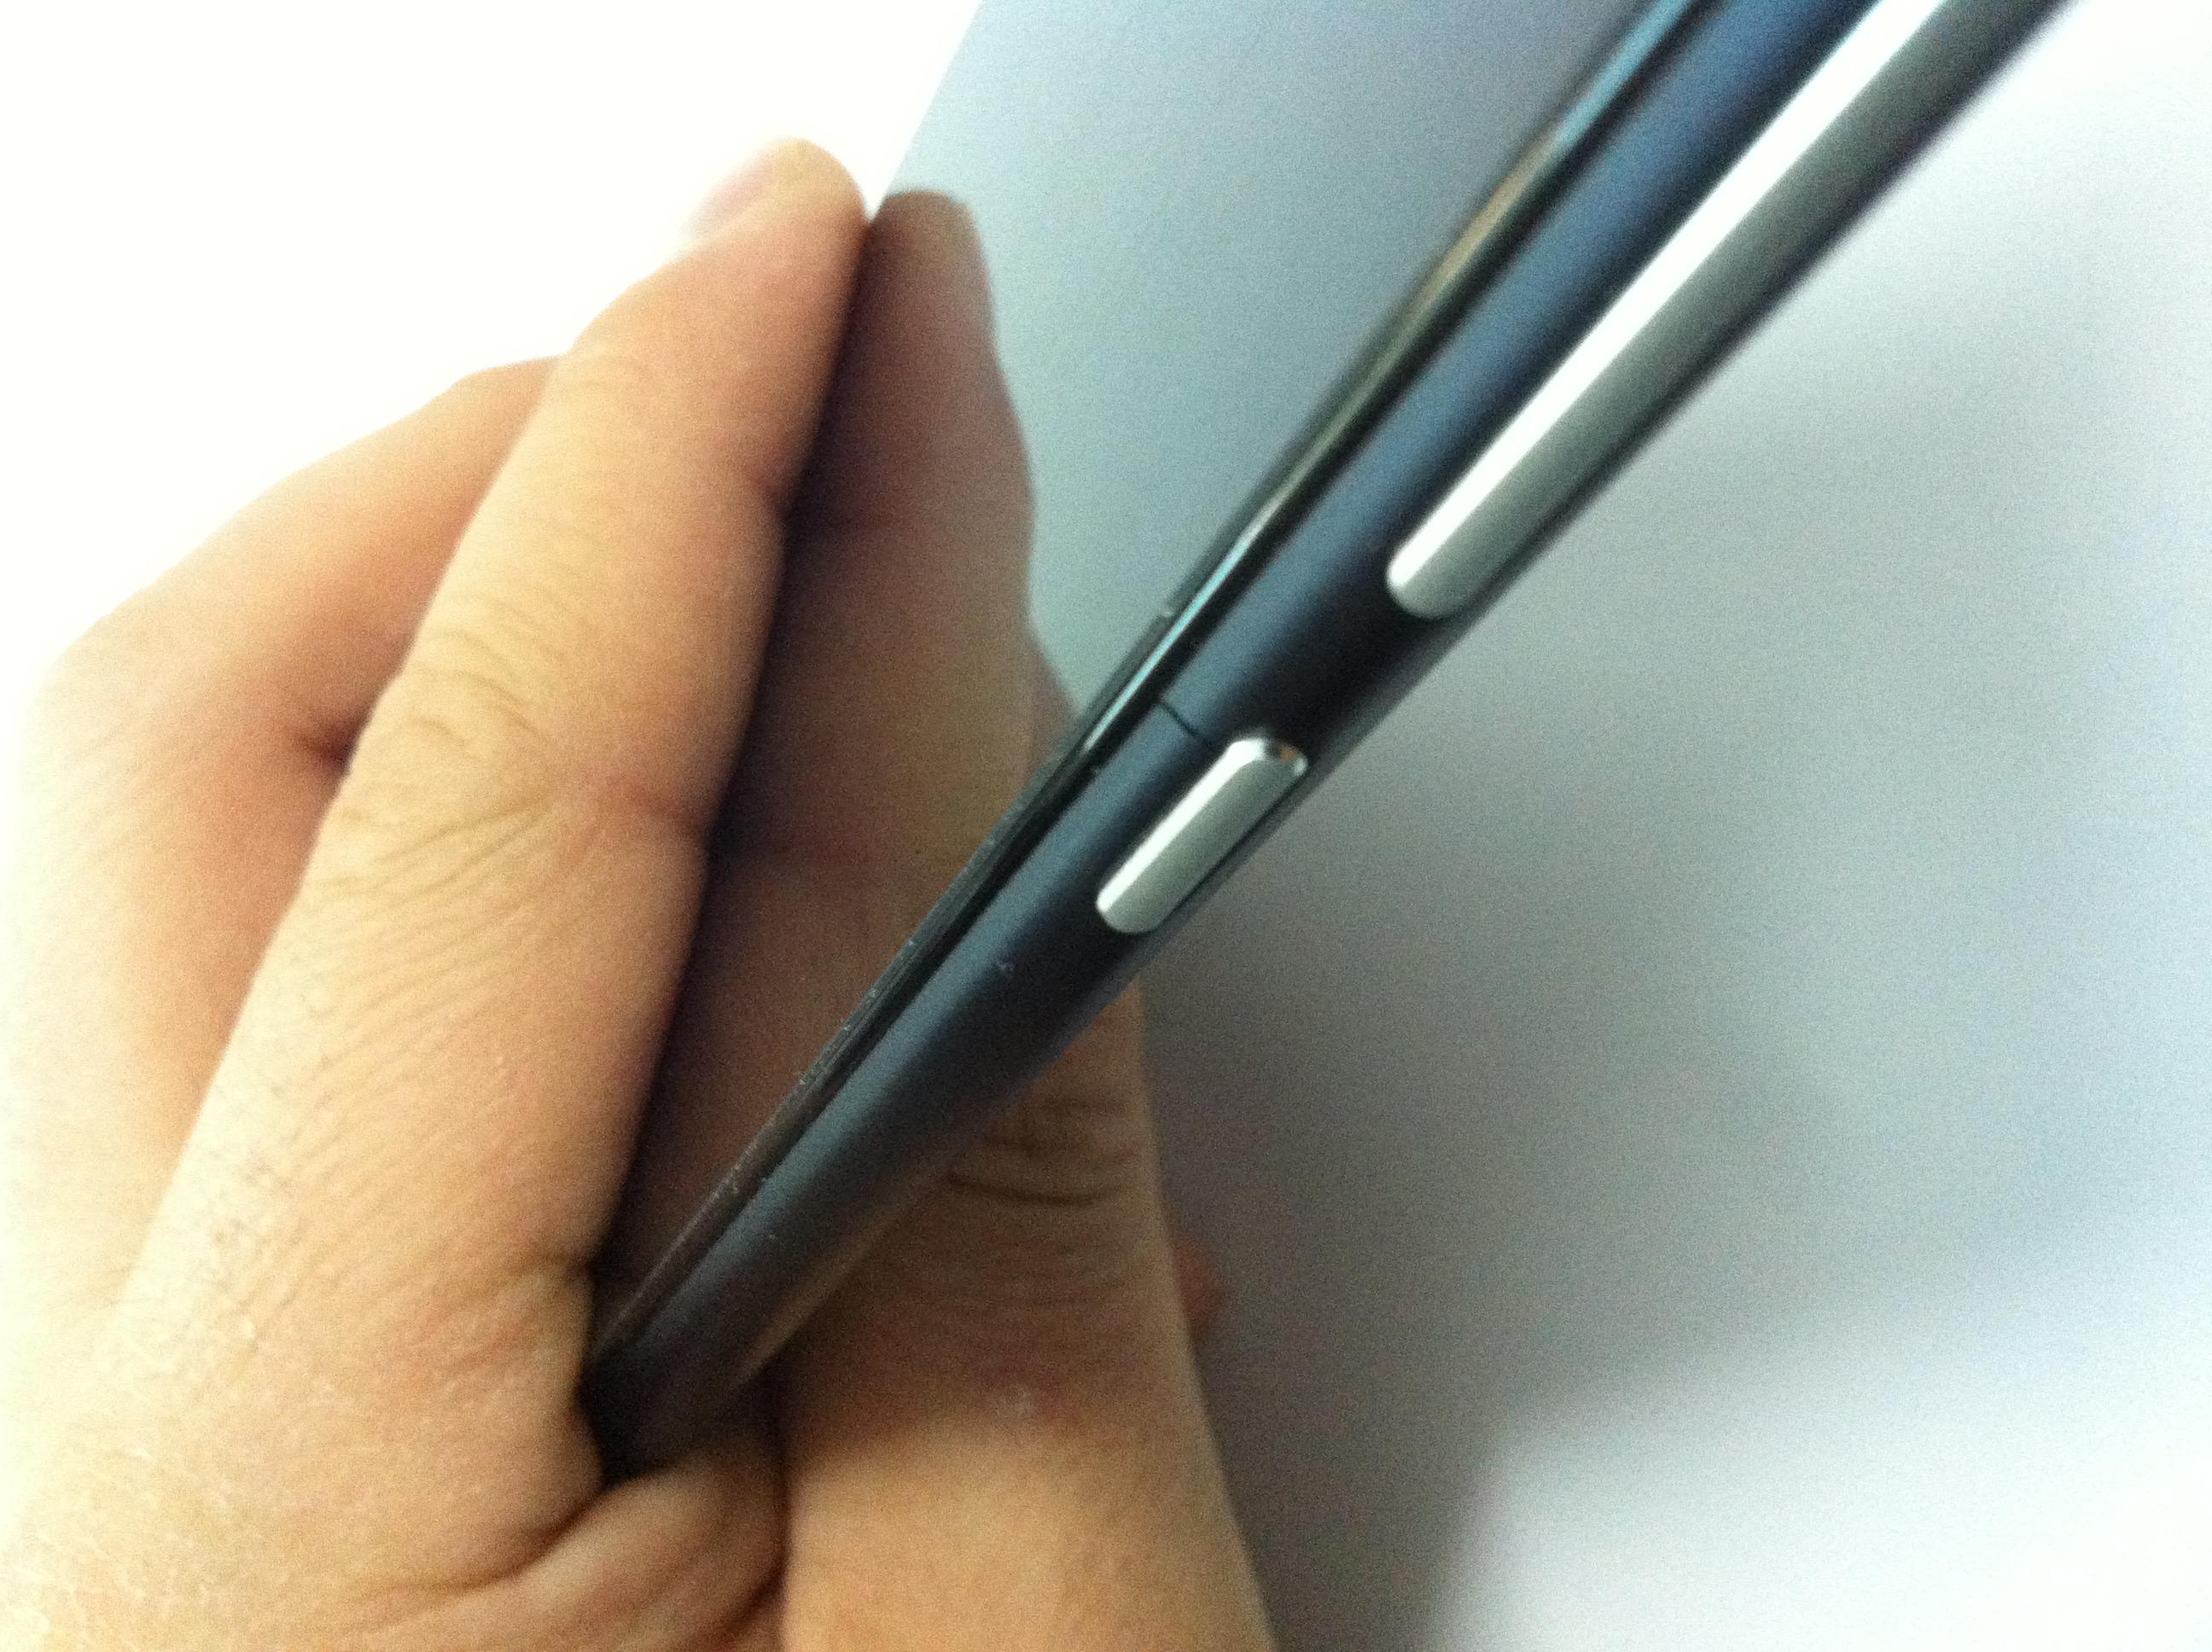 小米3手机后壳电源按键边缘自然裂开